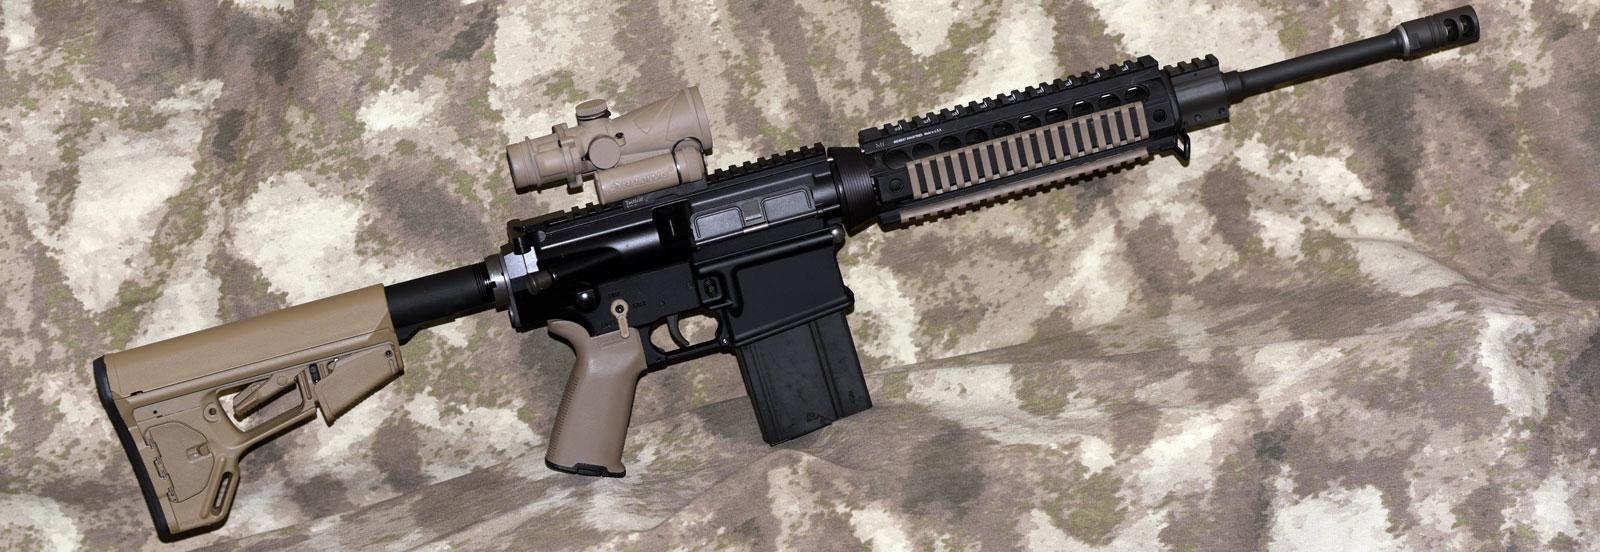 BUILD an ARMALITE AR-10 | How do I Build an AR10 Online?